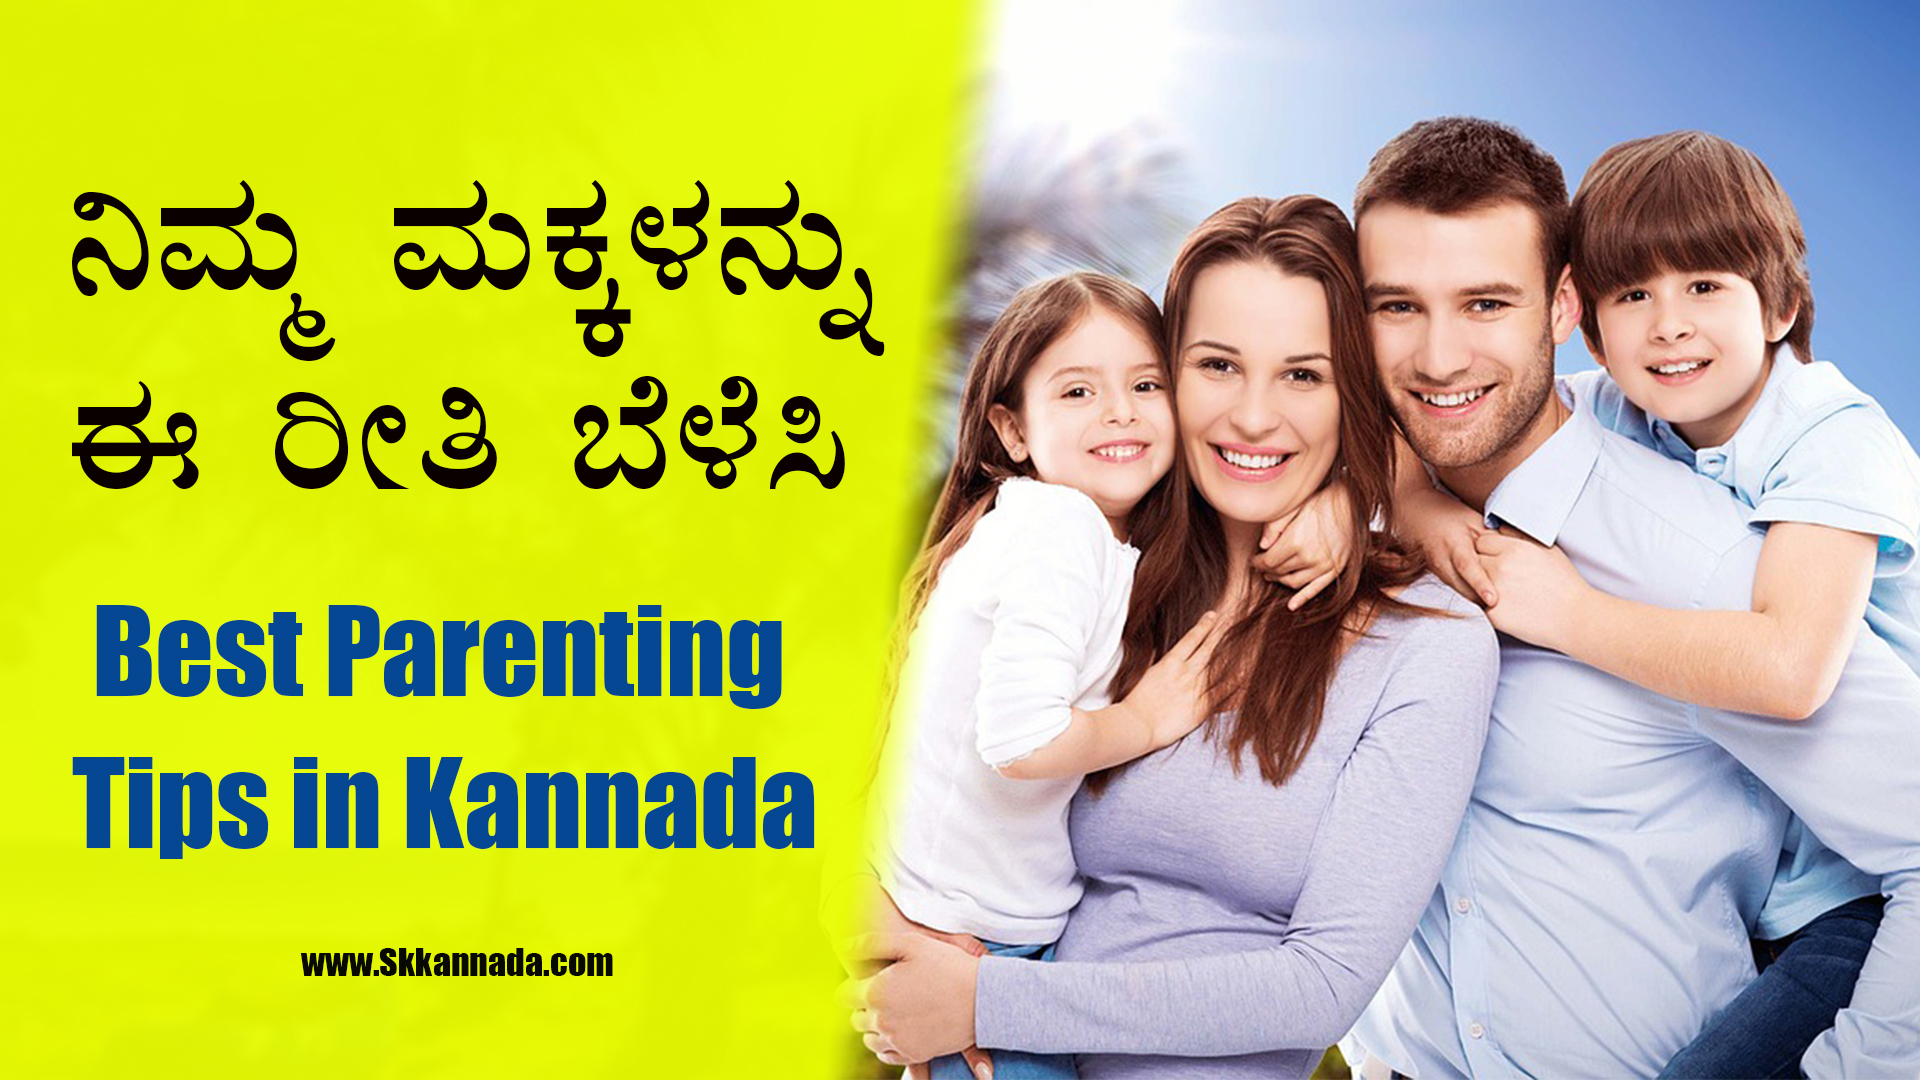 ನಿಮ್ಮ ಮಕ್ಕಳನ್ನು ಈ ರೀತಿ ಬೆಳೆಸಿ : Best Parenting Tips in Kannada